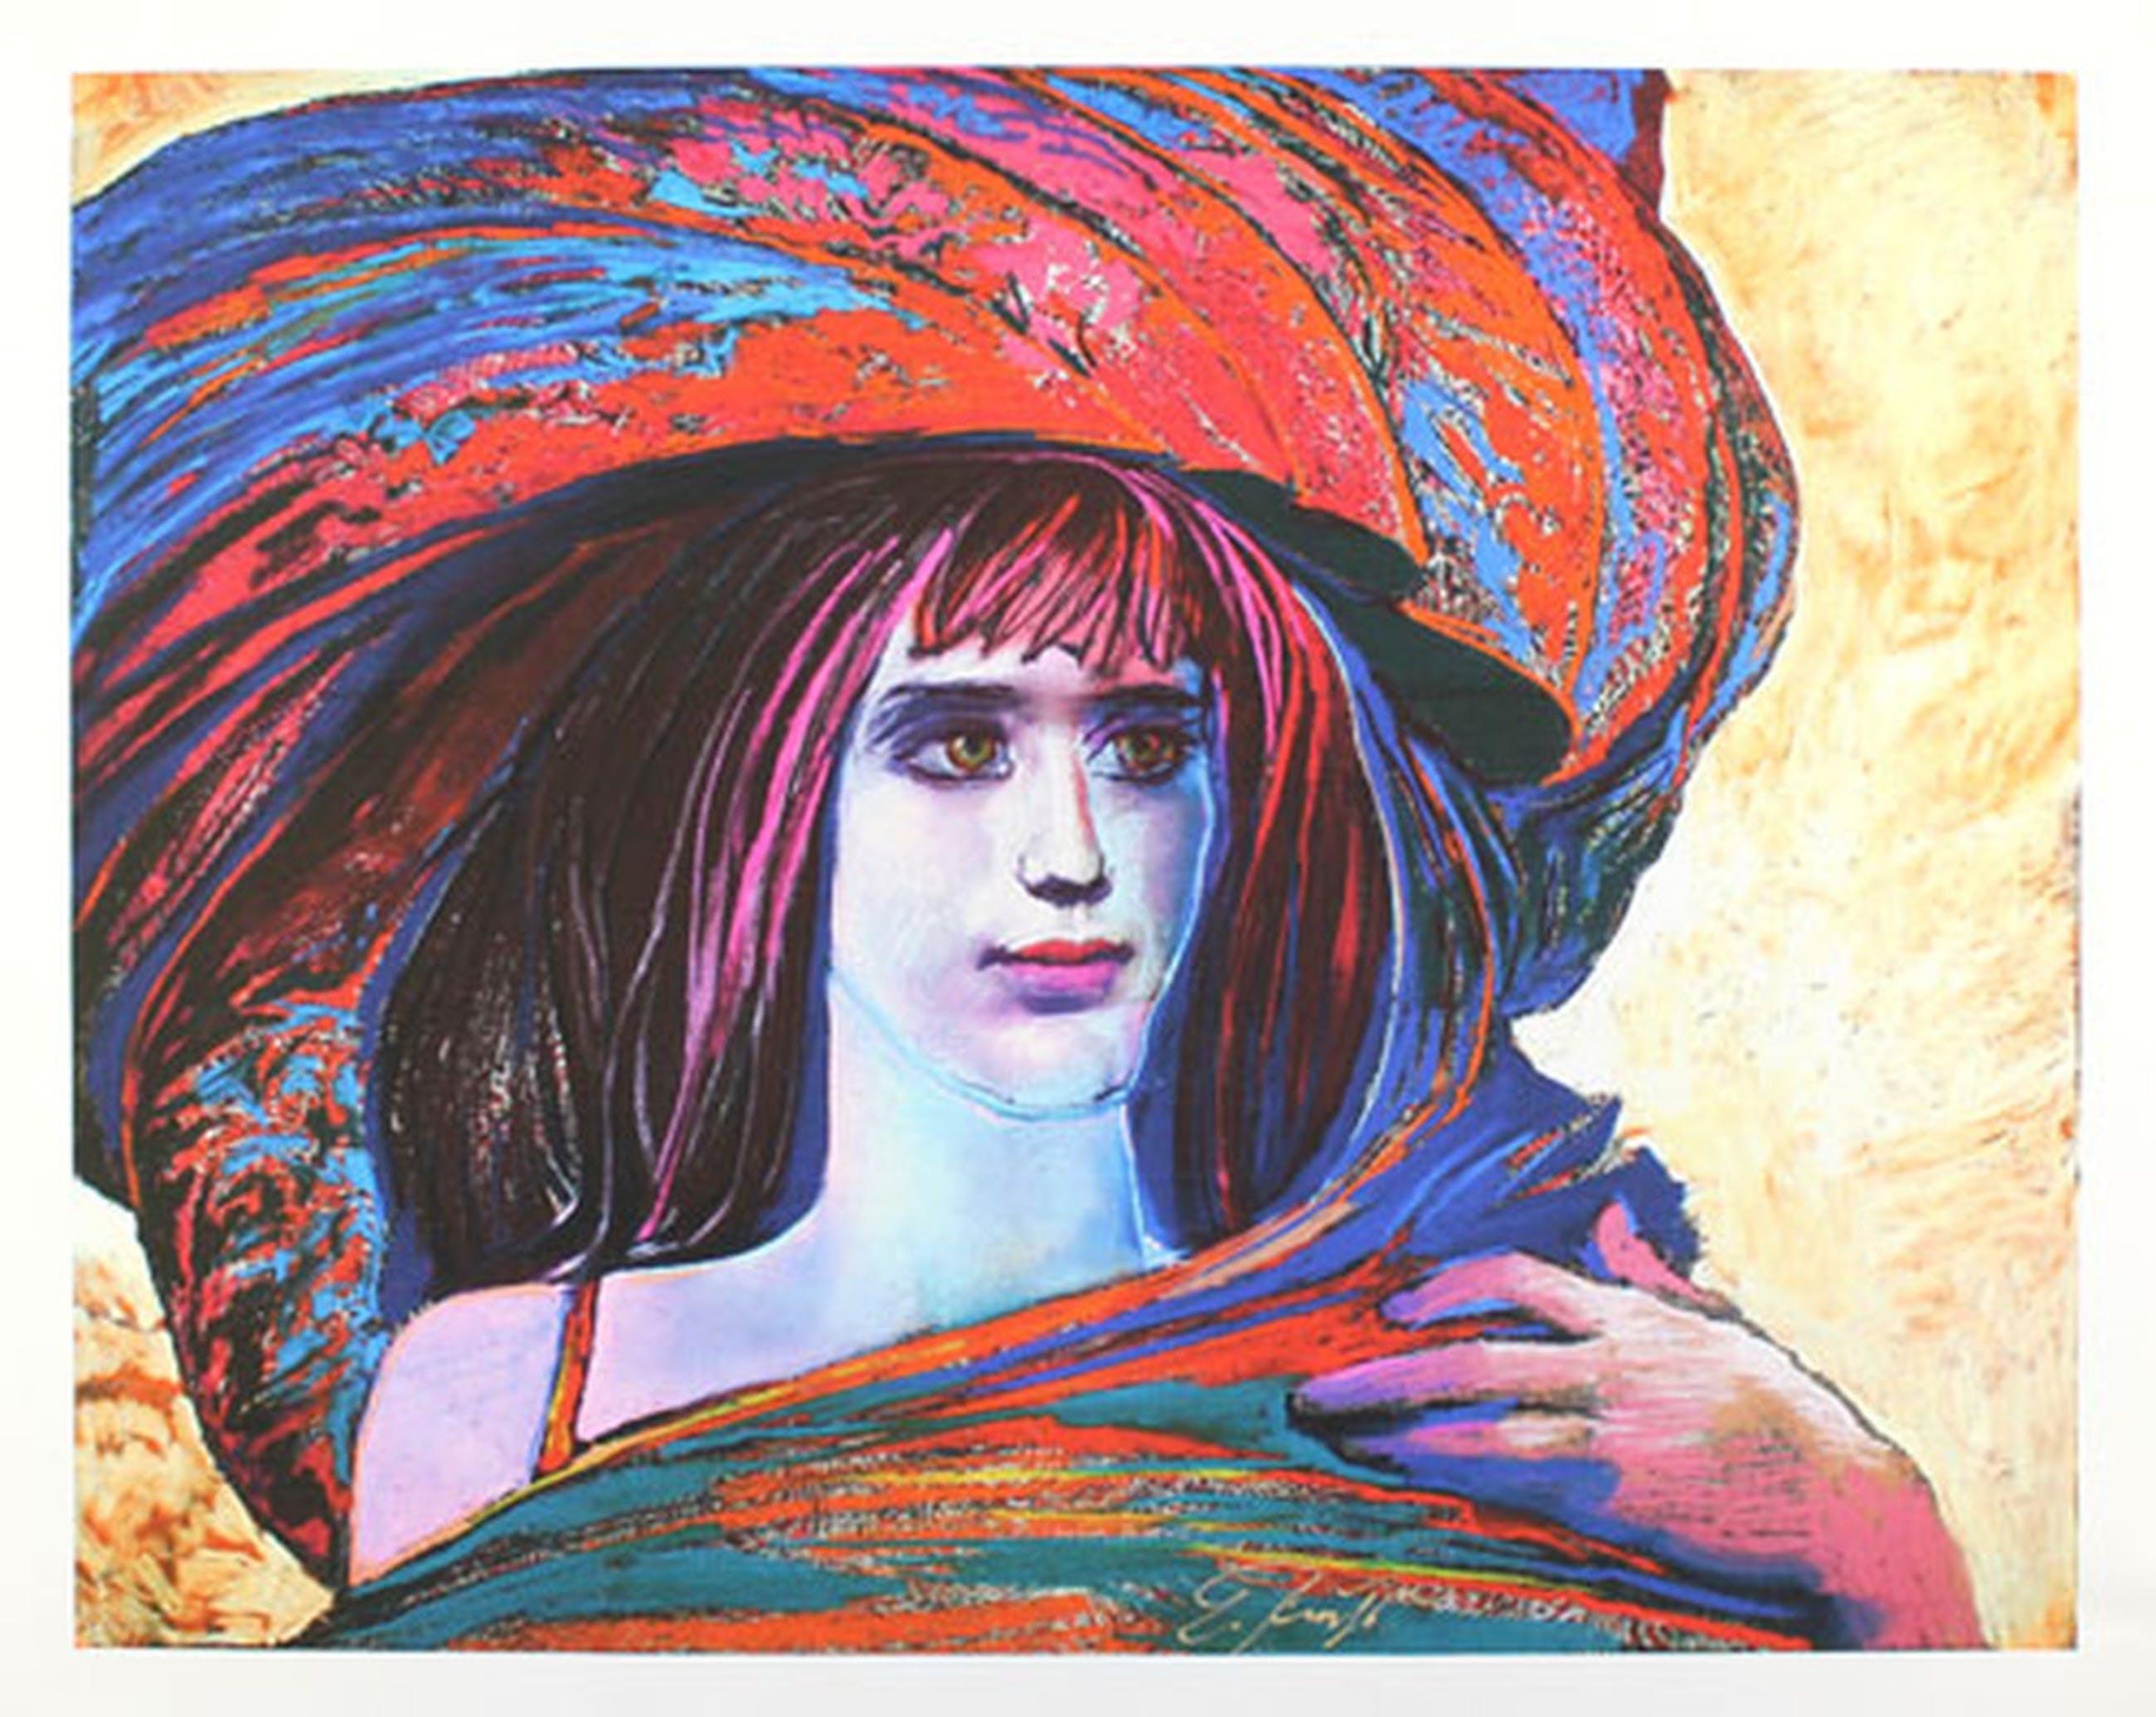 ERNST FUCHS - Prachtige kleuren Giclee op DOEK - Meisje met Grote Hoed'' Handgesigneerd, Genummerd 77 / 300 en Gedateerd 2012  kopen? Bied vanaf 125!